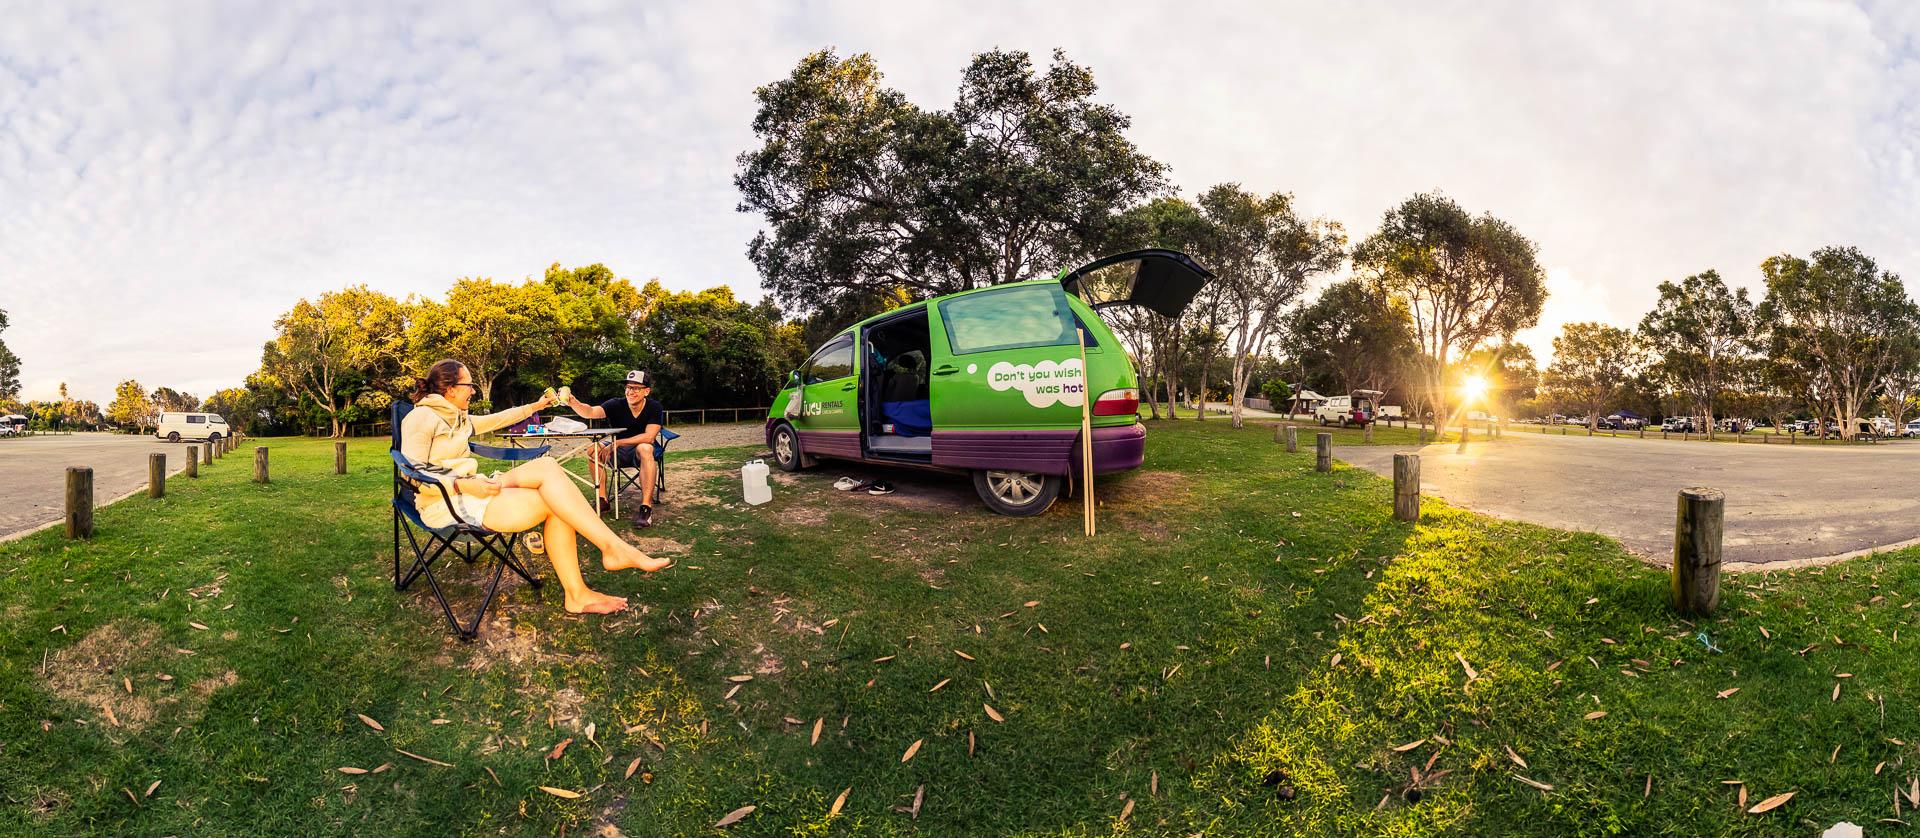 Camping Van by Tobi Bohn Panorama 360 Fotograf